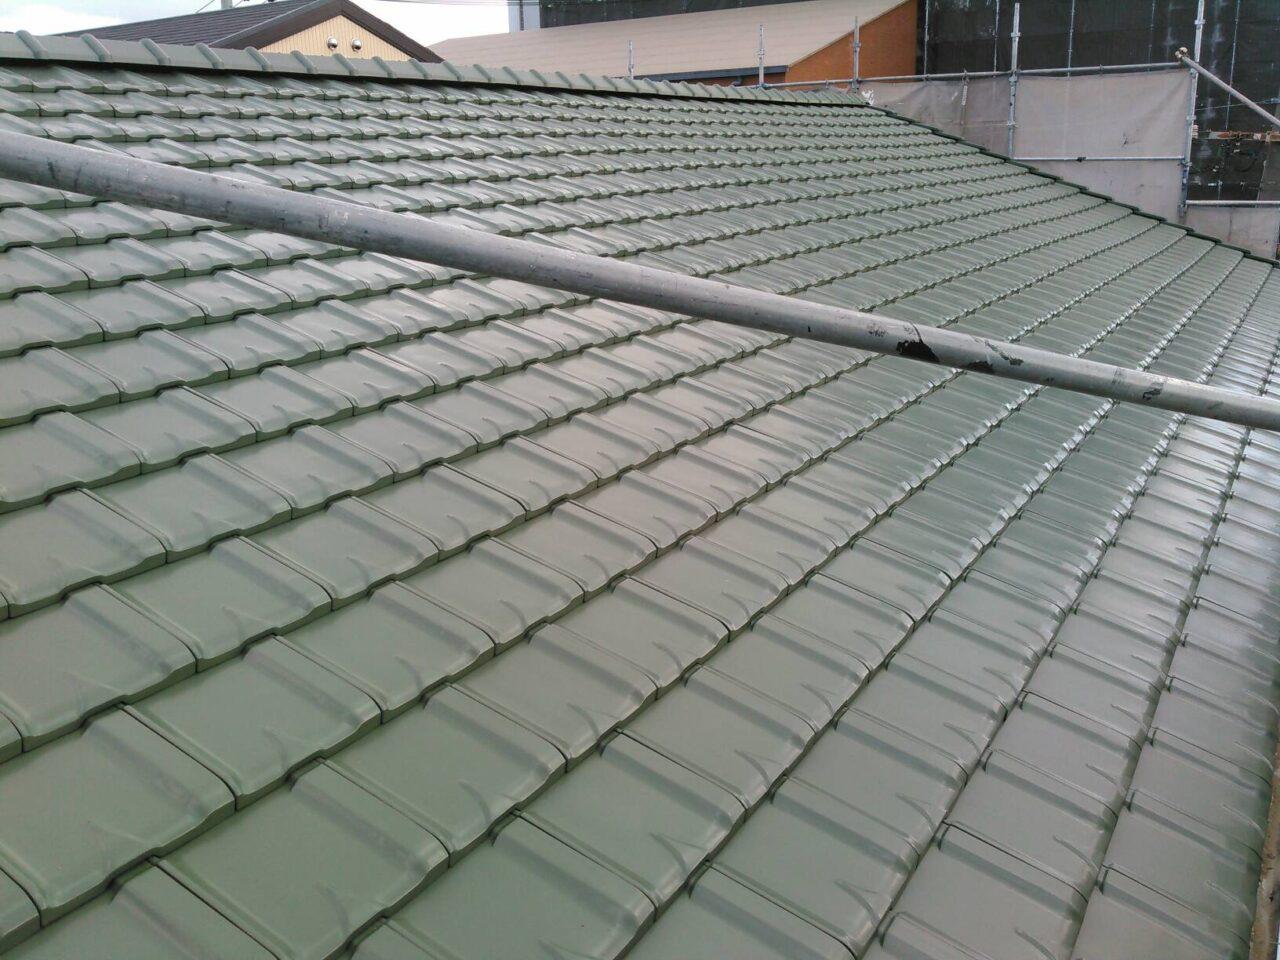 神戸市で屋根工事(葺き替え)をお考えなら